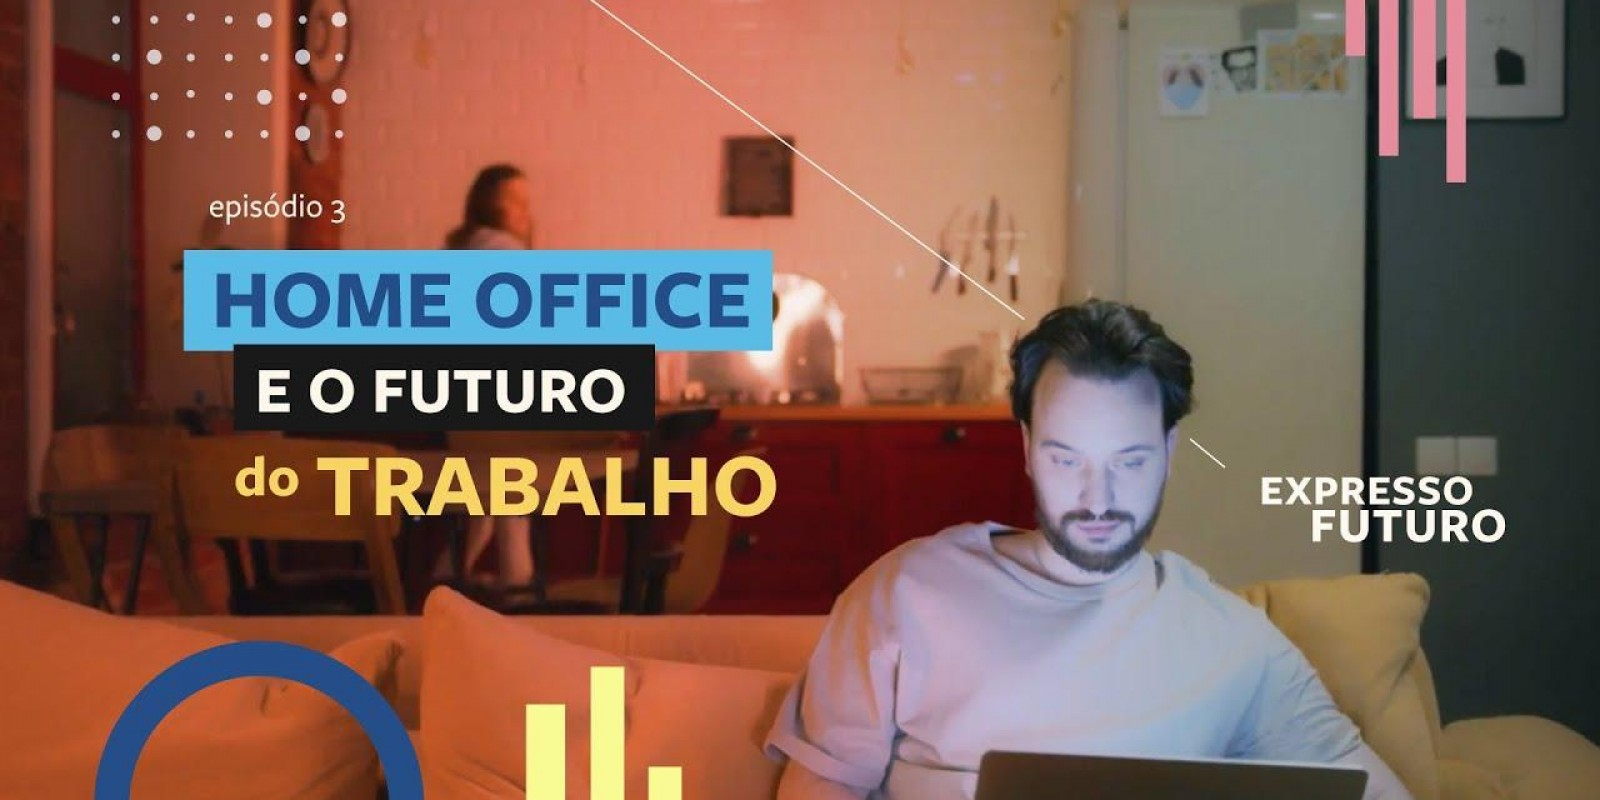 Expresso Futuro com Ronaldo Lemos: Home office e o Futuro do Trabalho  